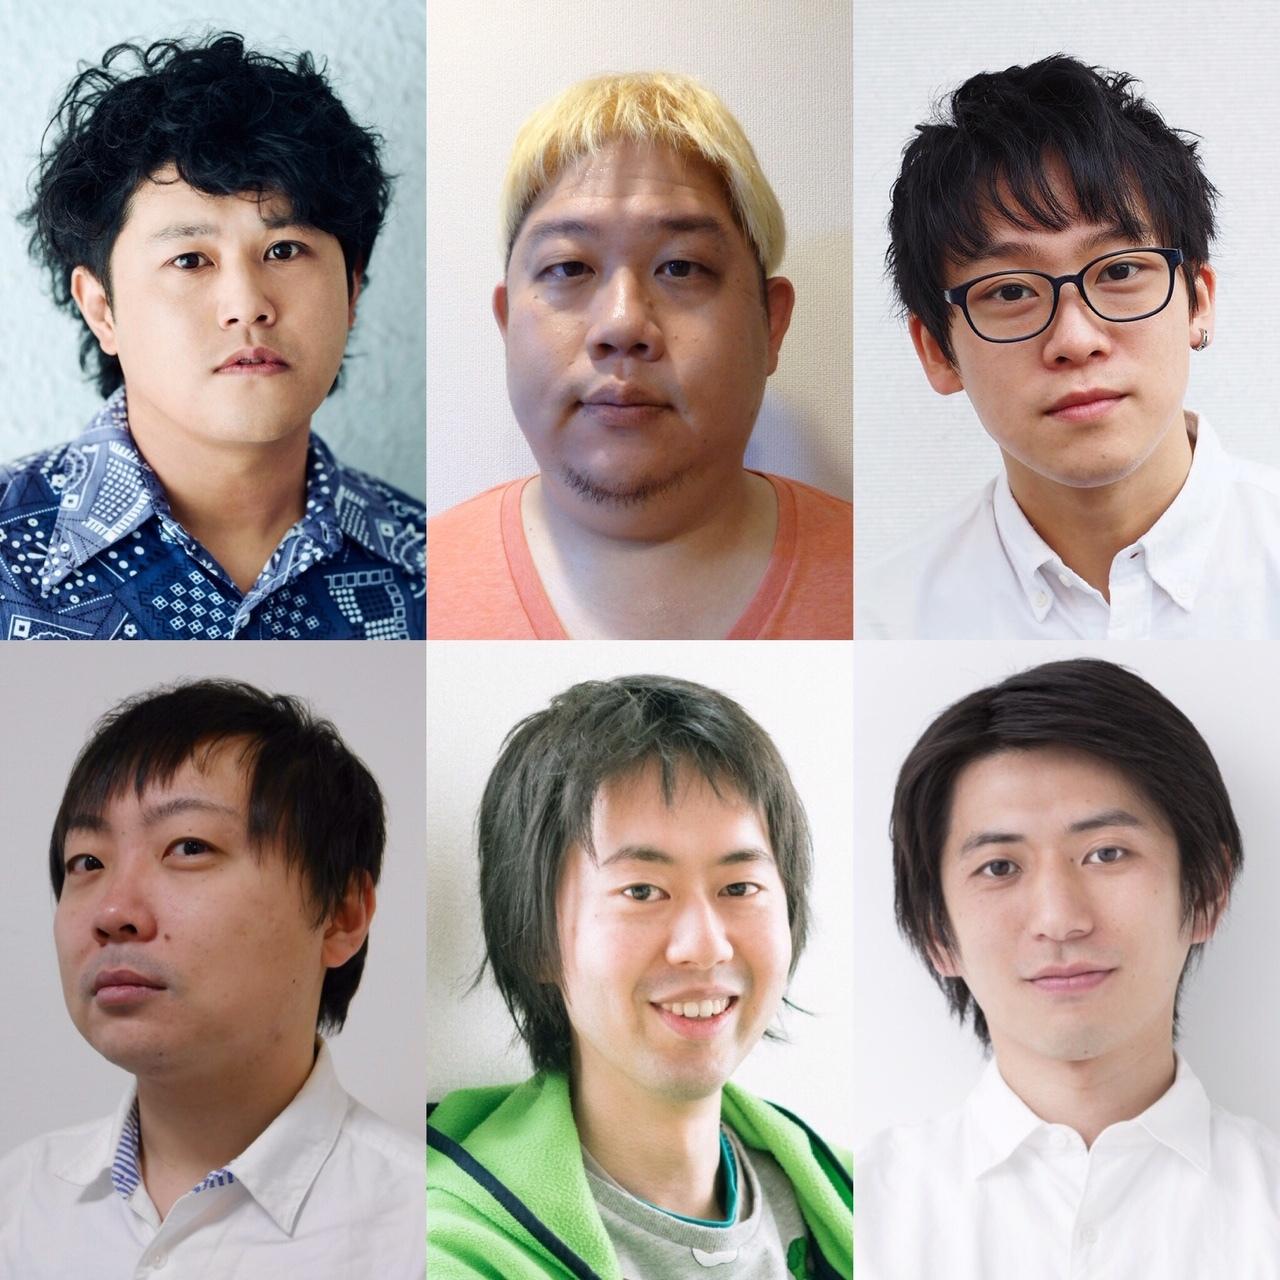 (左上段より)板倉武志、おなか☆すいたろう、十河大地(左下段より)村田和明、善積元、善雄善雄)